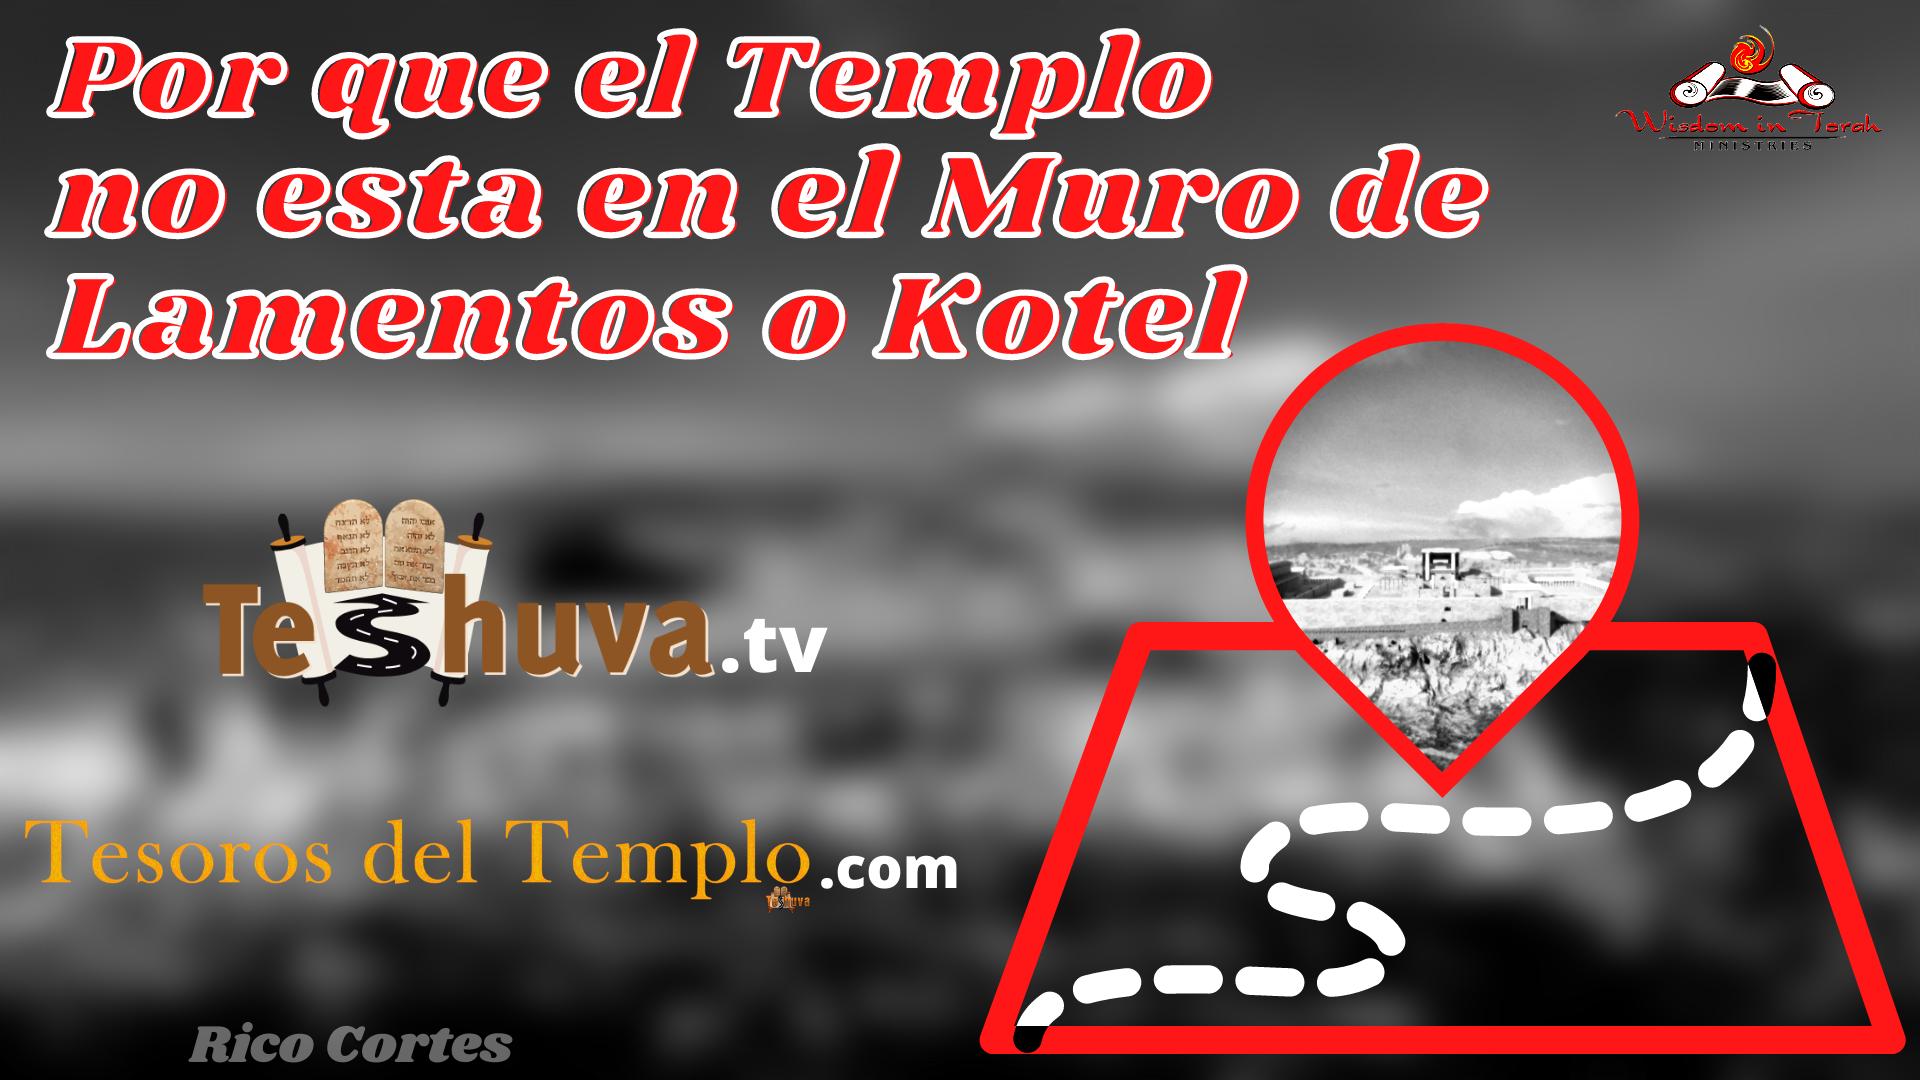 El Templo en el muro de lamentos